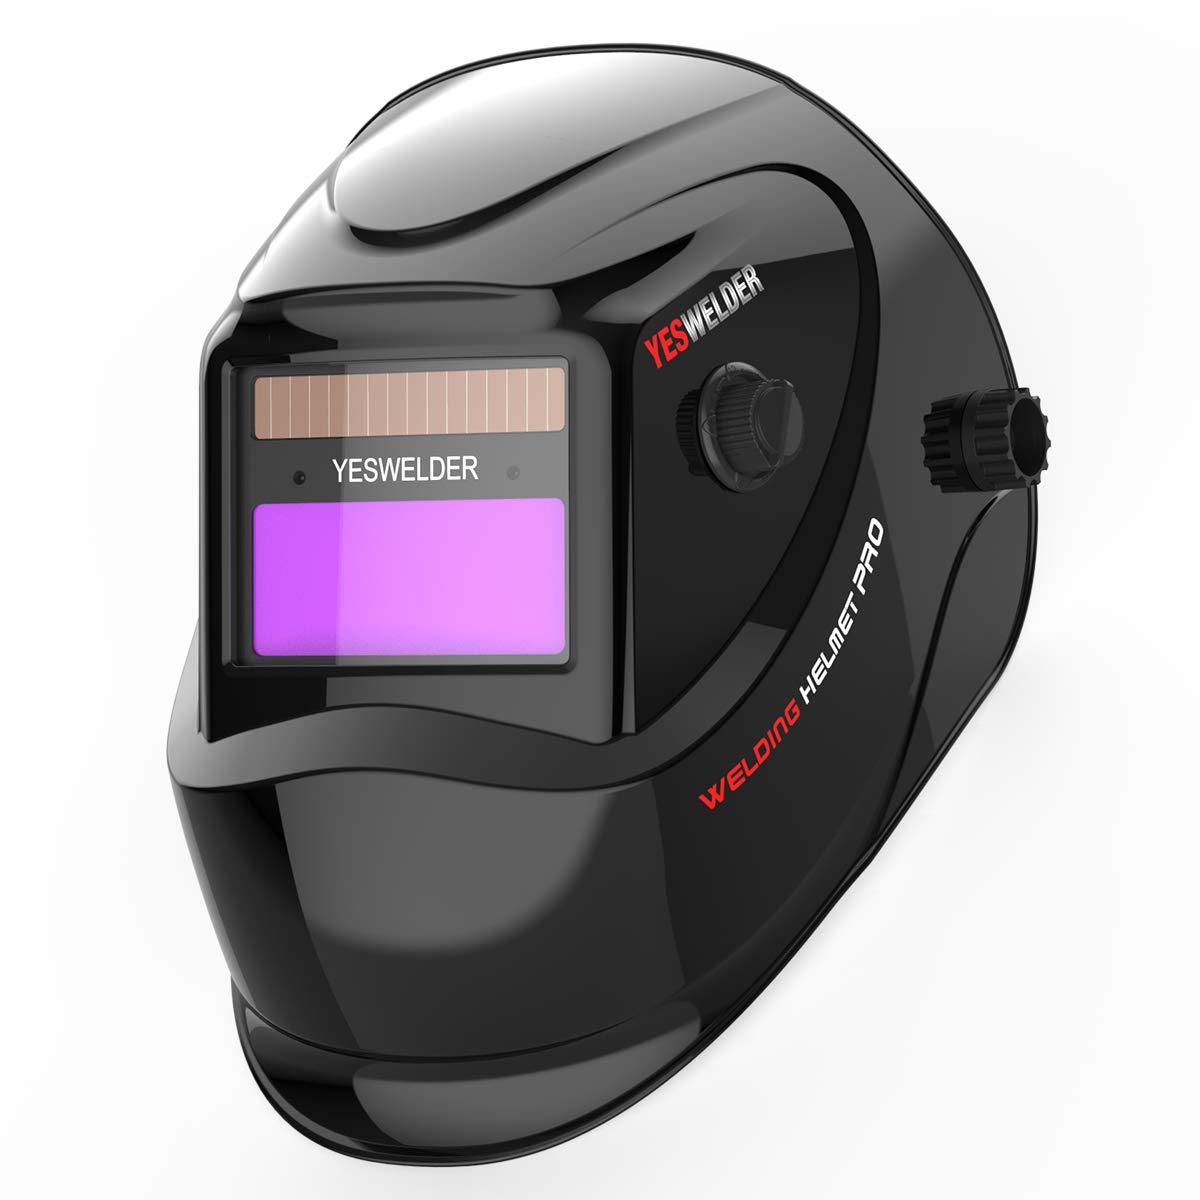 YESWELDER True Color Solar Powered Auto Darkening Welding Helmet, Wide Shade 4/9-13 for TIG MIG ARC Weld Hood Helmet by YESWELDER